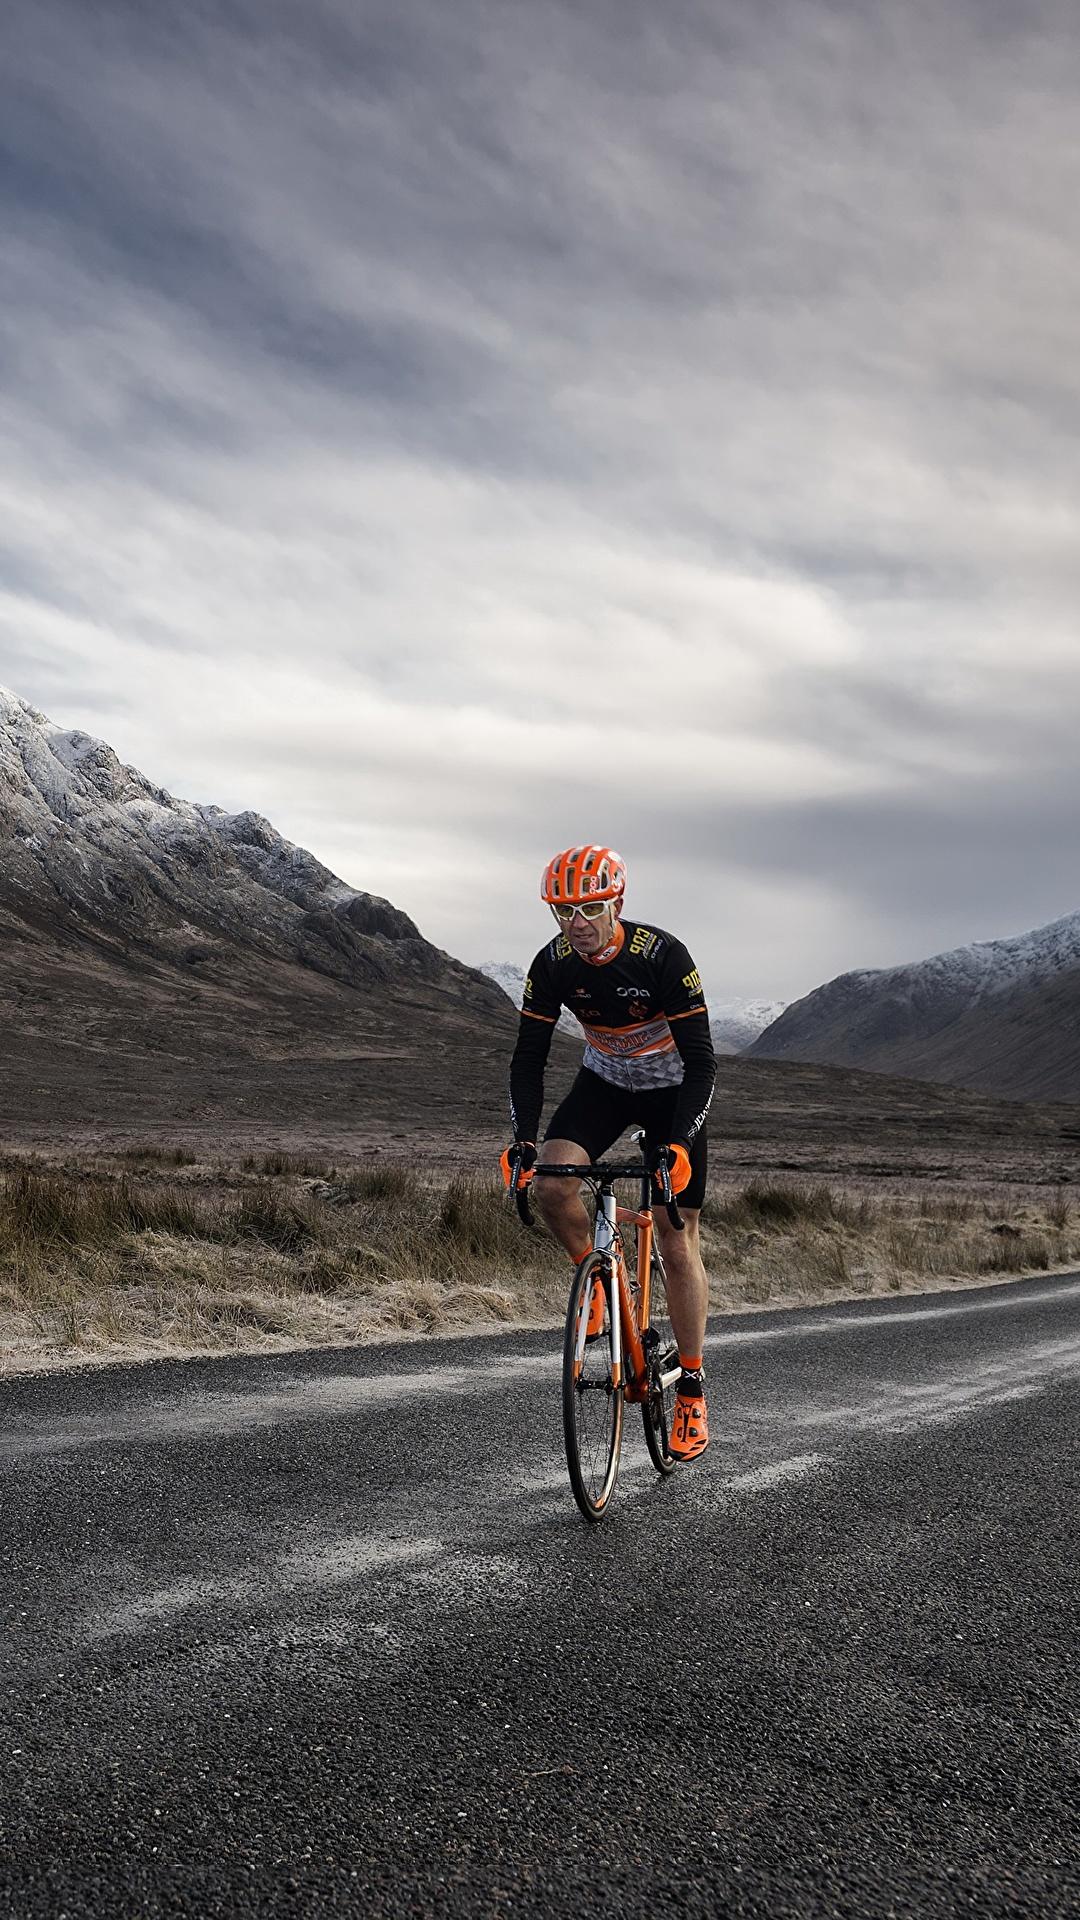 Фотографии Велосипед Горы Природа Дороги Движение 1080x1920 для мобильного телефона велосипеды велосипеде гора едет едущий едущая скорость